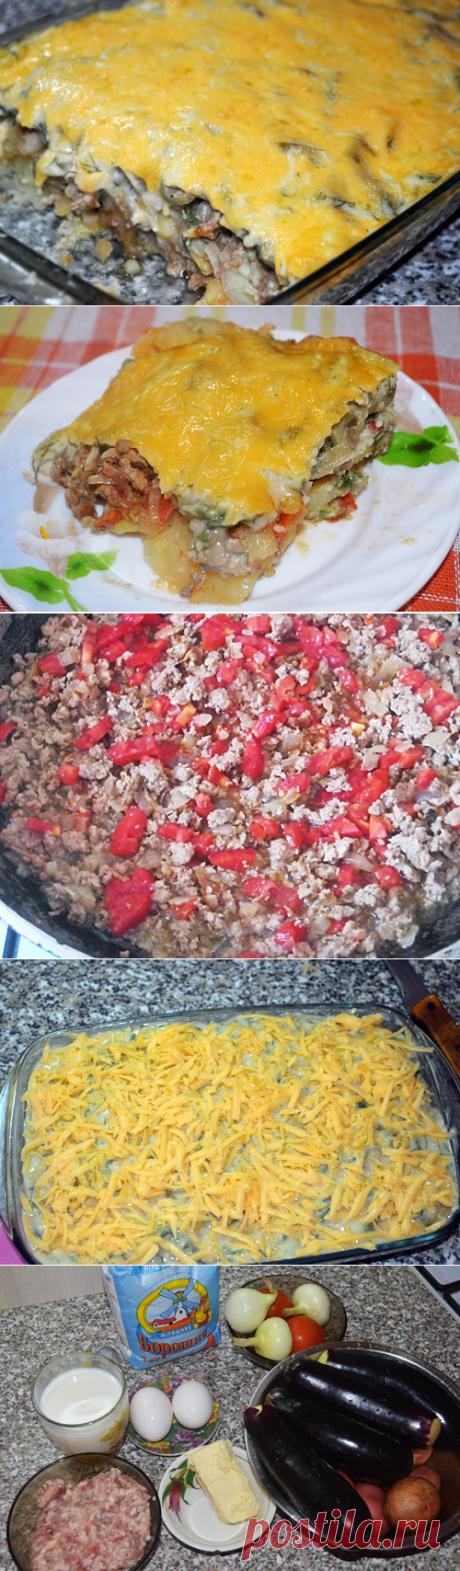 Мусака с баклажанами и картофелем (греческая кухня),блюдо,рецепт | ГОТОВИМ ВКУСНО И ПО-ДОМАШНЕМУ